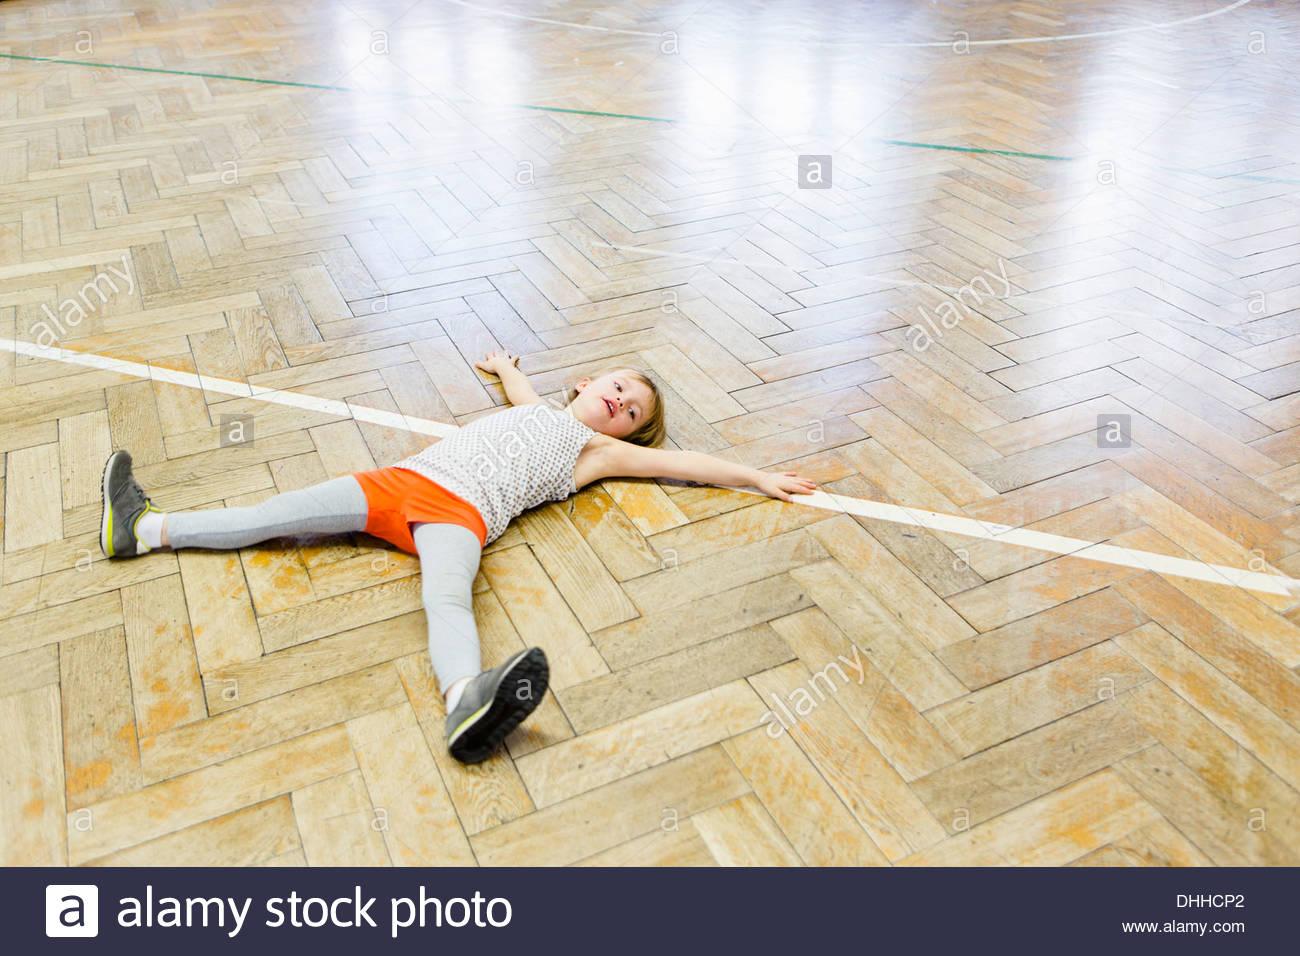 Chica recostada sobre un piso de madera en sala escolar con brazos y piernas separadas Imagen De Stock